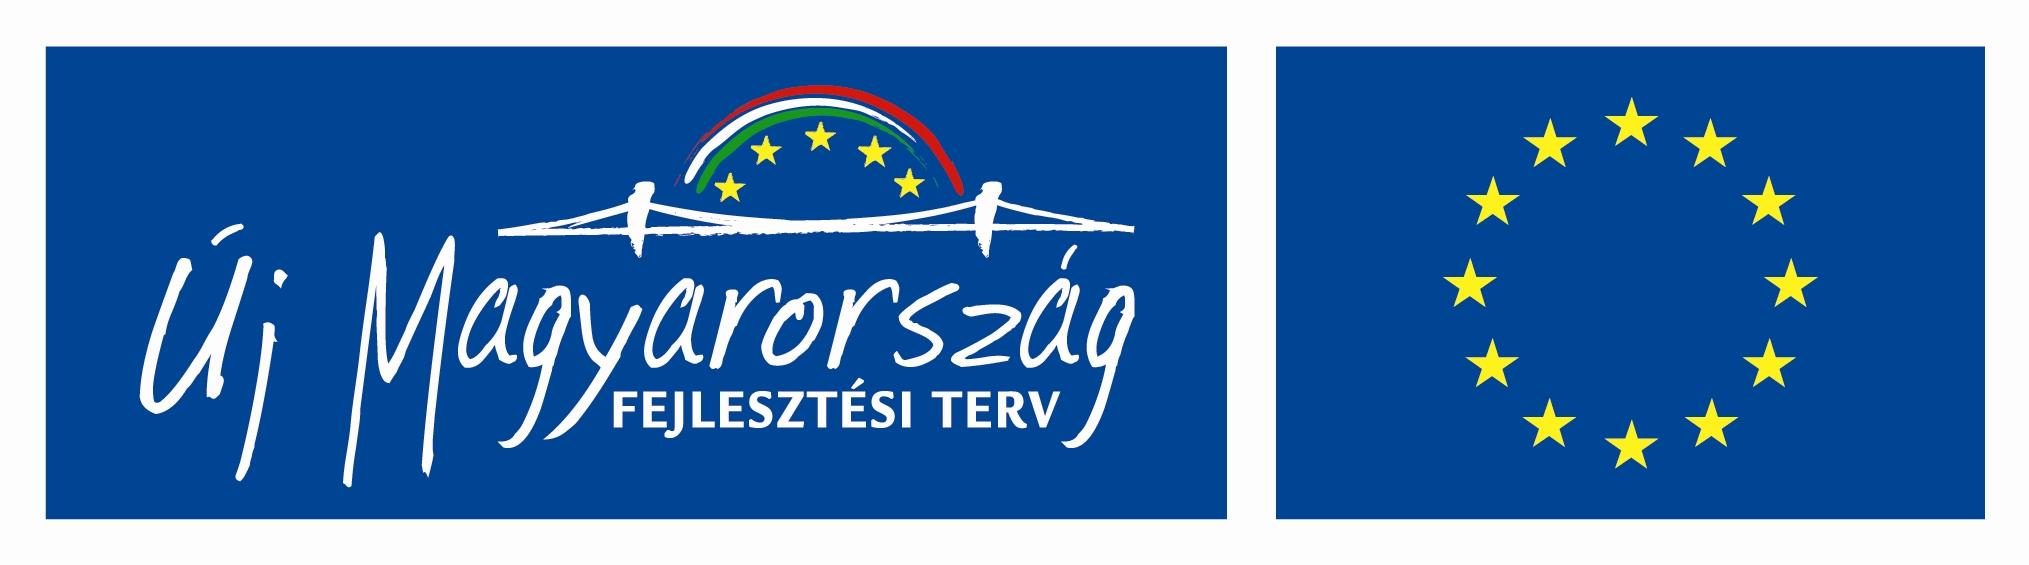 Új Magyarország, EU